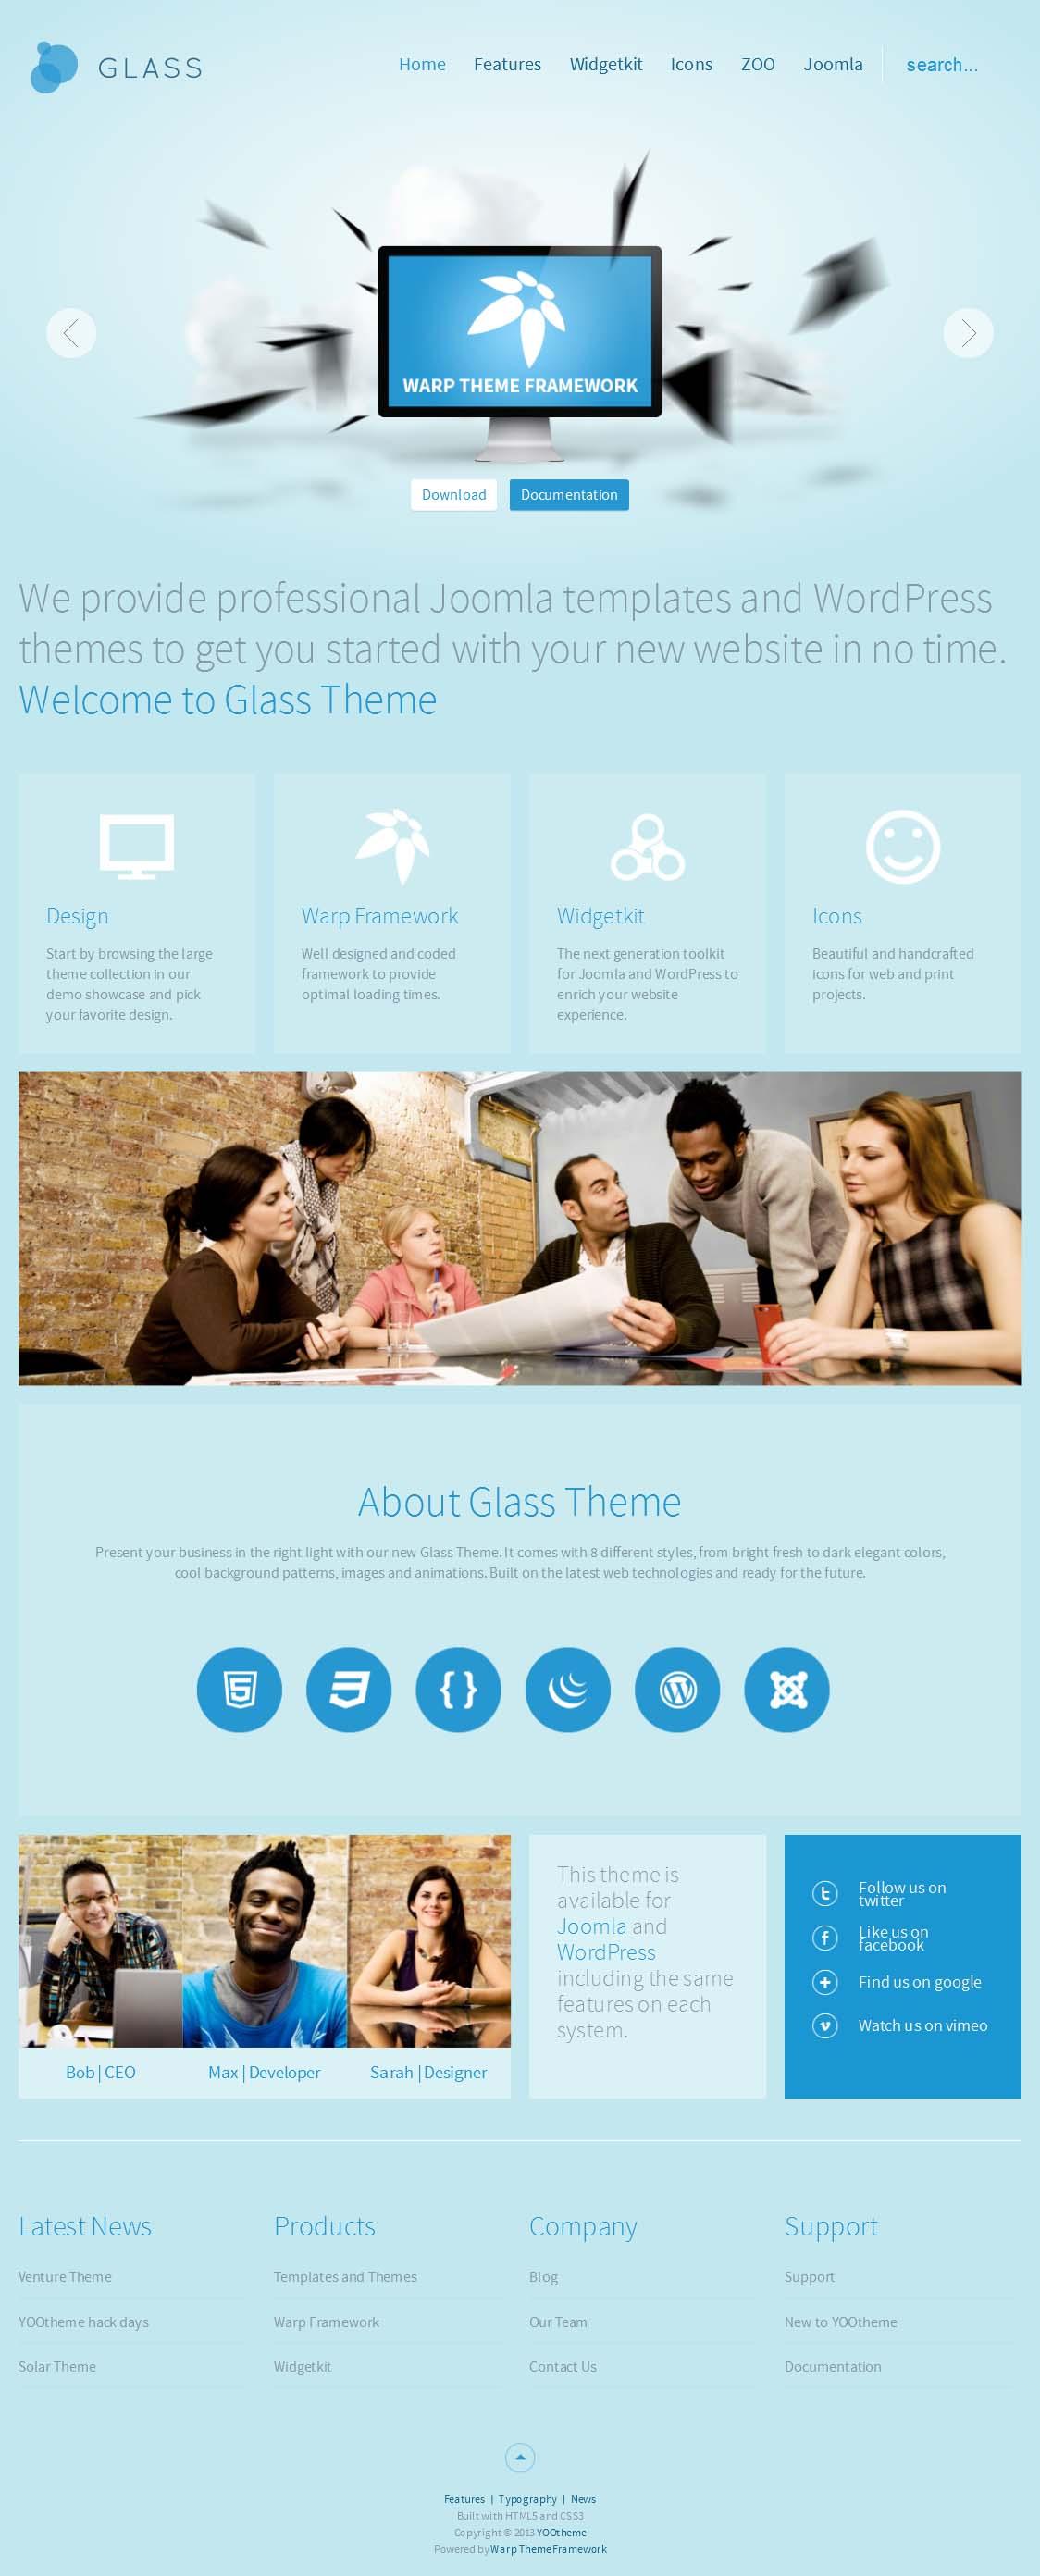 قالب جوملایی طراحی وب و موبایل Yoo Glass